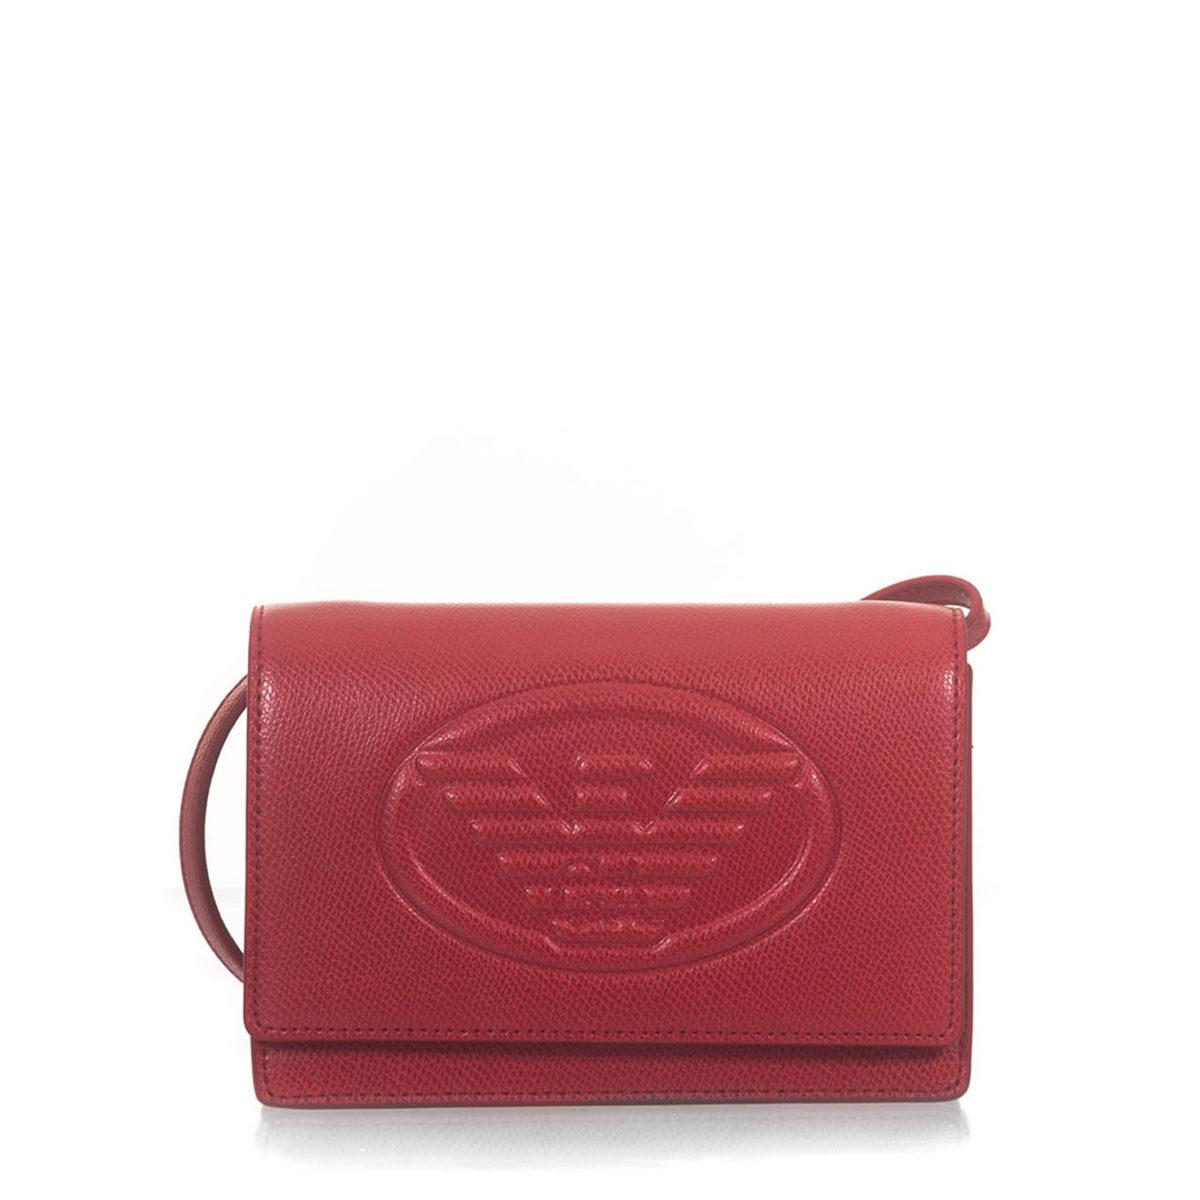 af2f34535 Emporio Armani - sac à main pour femme couleur rouge   BUZZAO